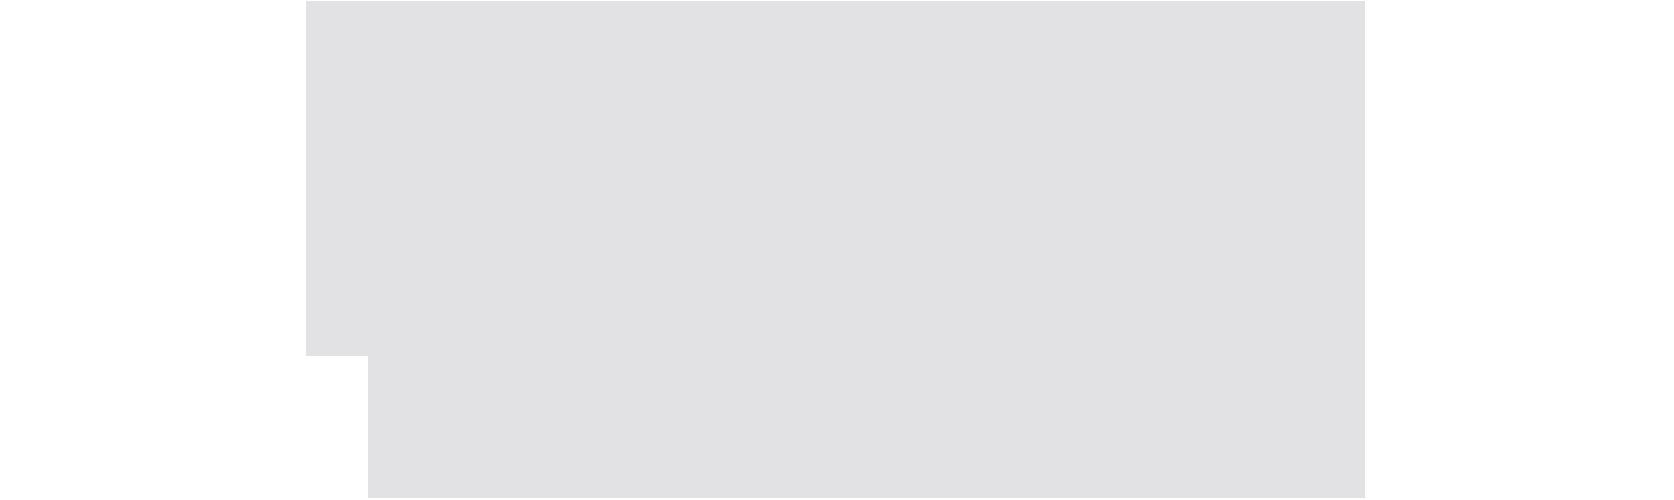 Shure GLX-D Advanced Sistema inalámbrico digital Imagen de la curva de la respuesta en frecuencia